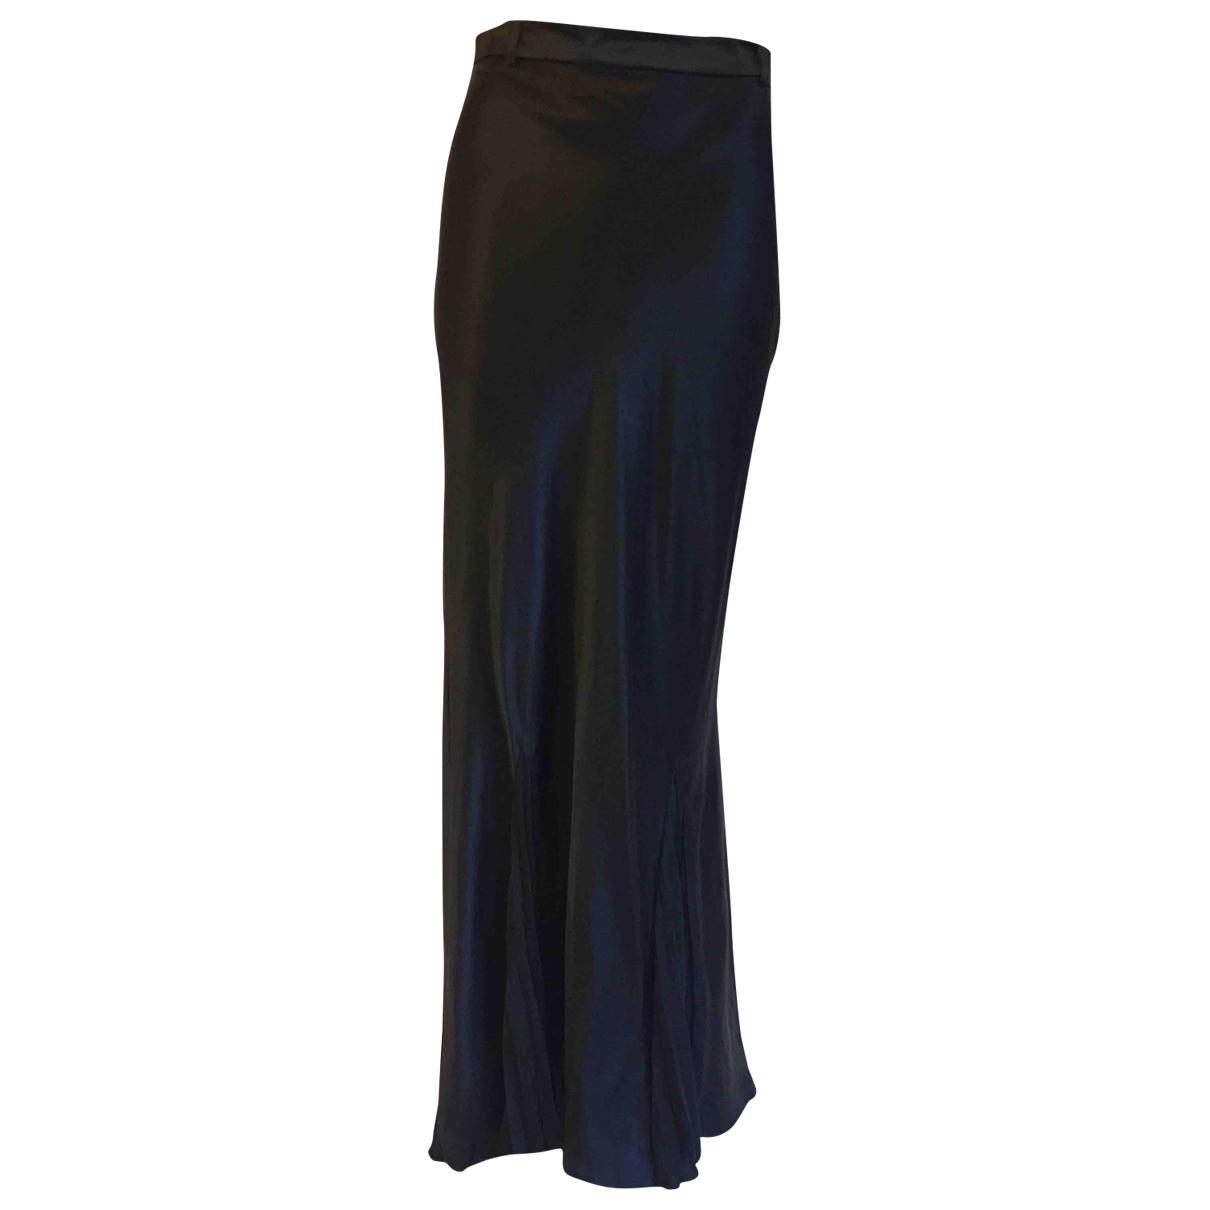 H&m Studio - Jupe   pour femme en soie - noir